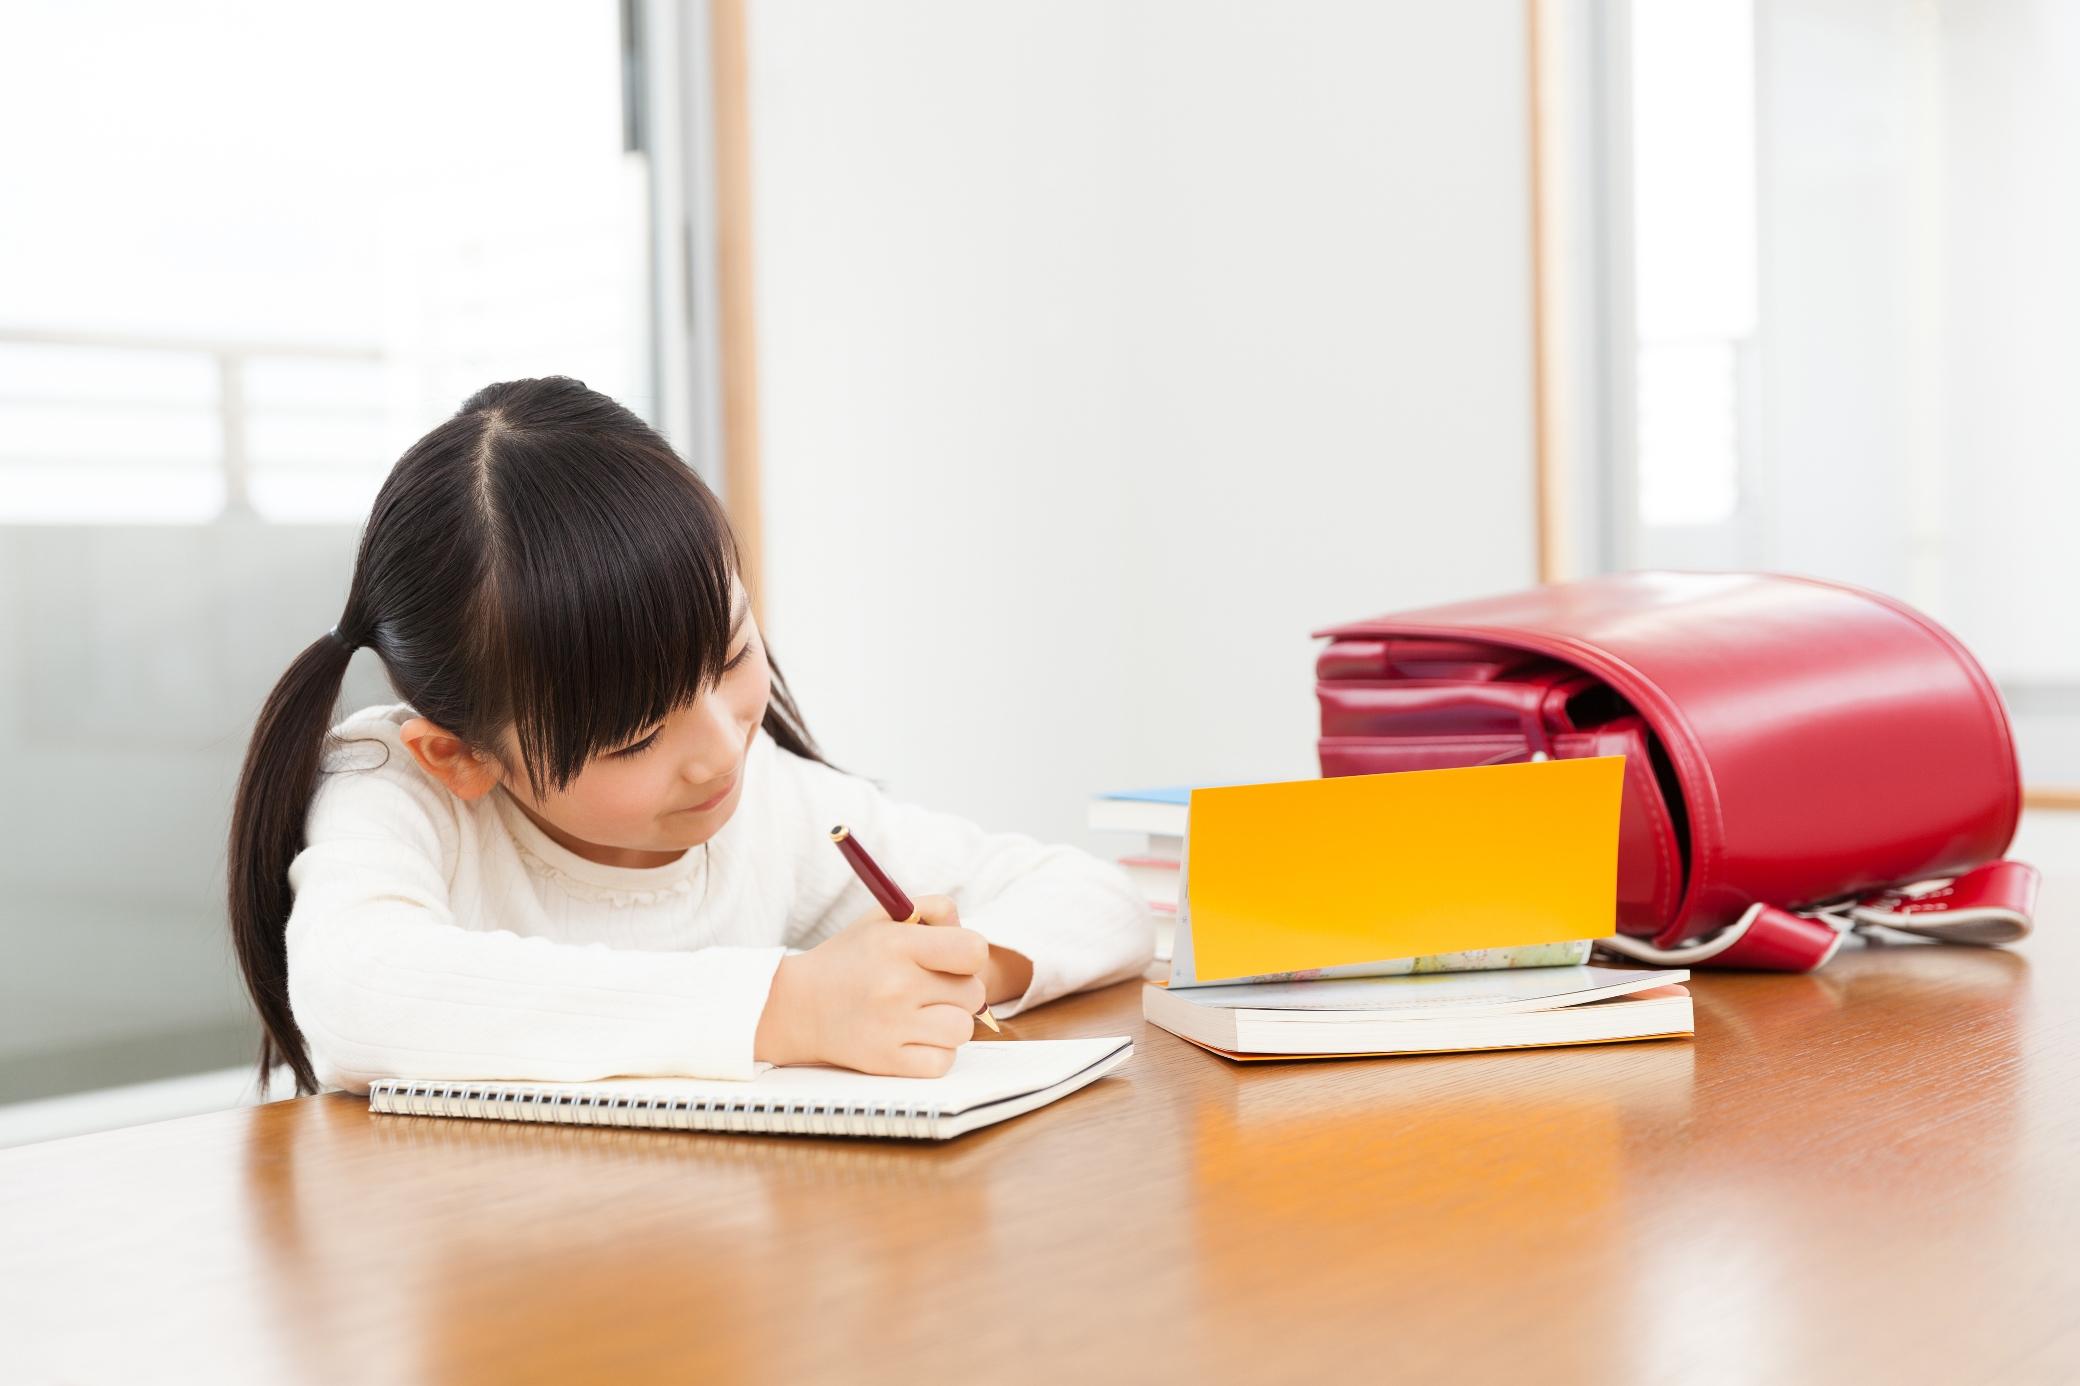 七田式教室講師がお悩み解決!新しい環境に馴染むコツ!小学生編